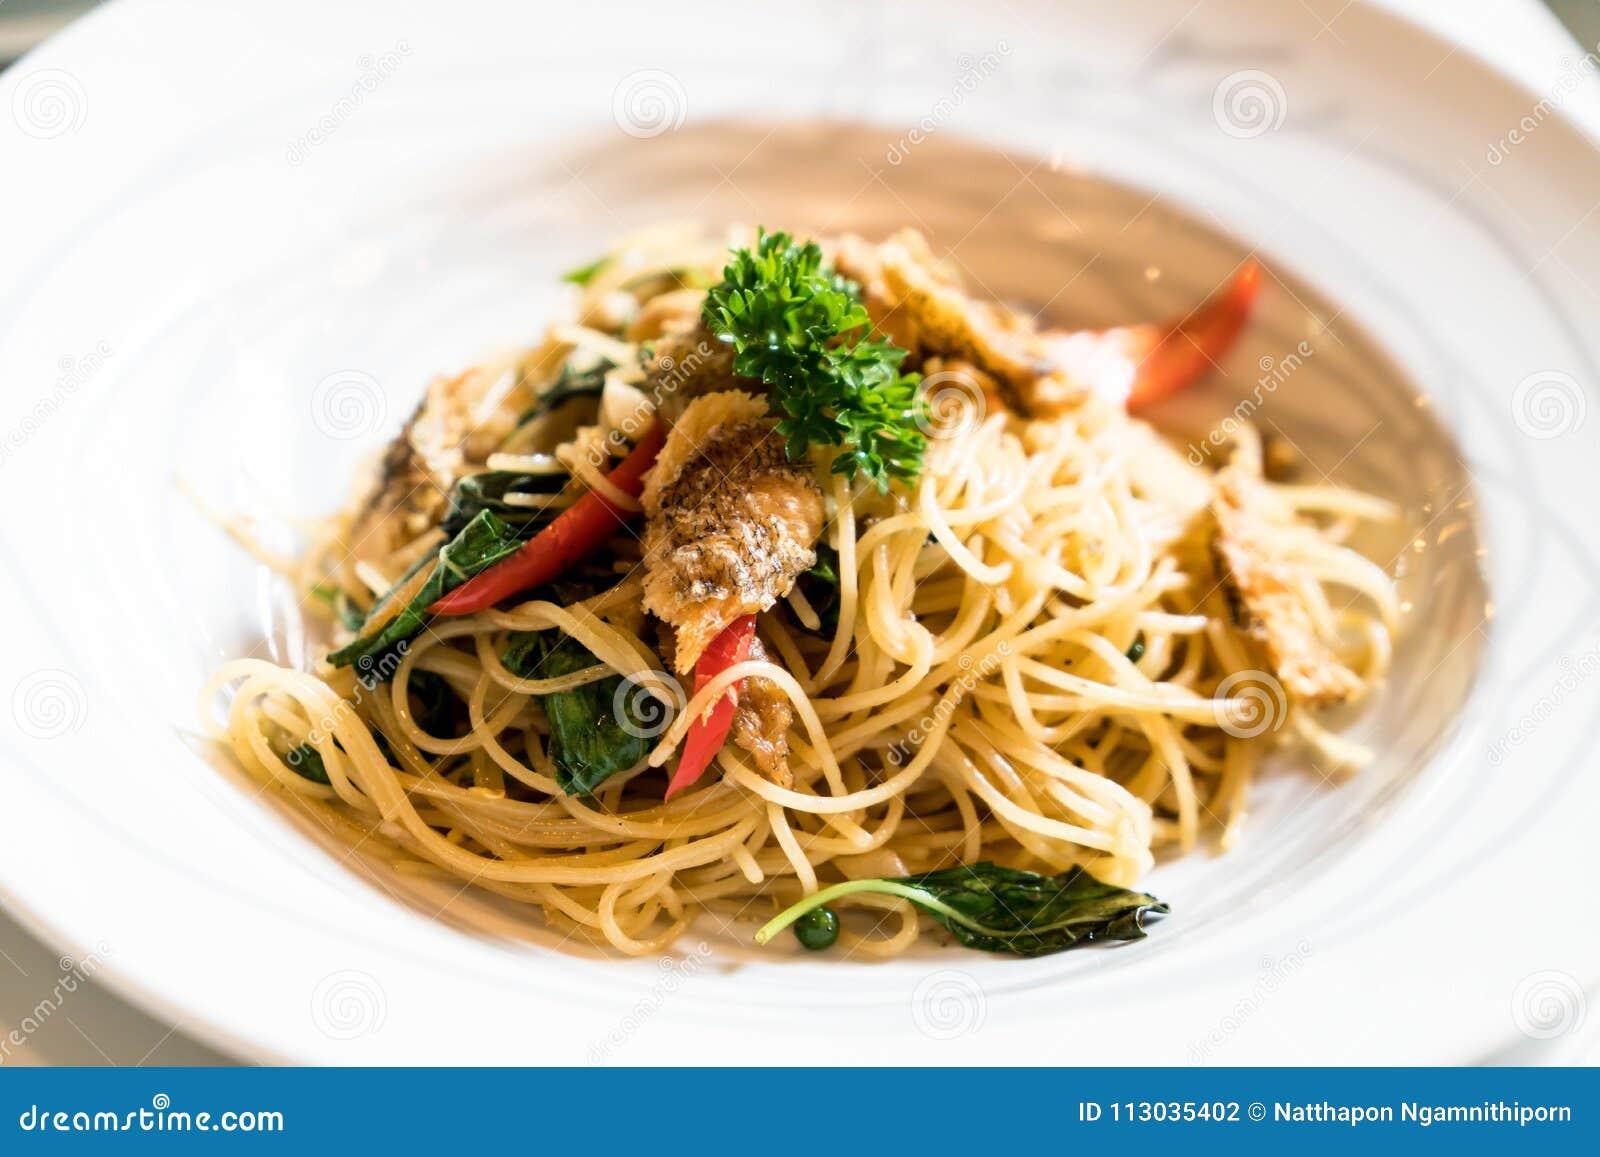 Espaguetis sofritos y Osphromemus gorami secado